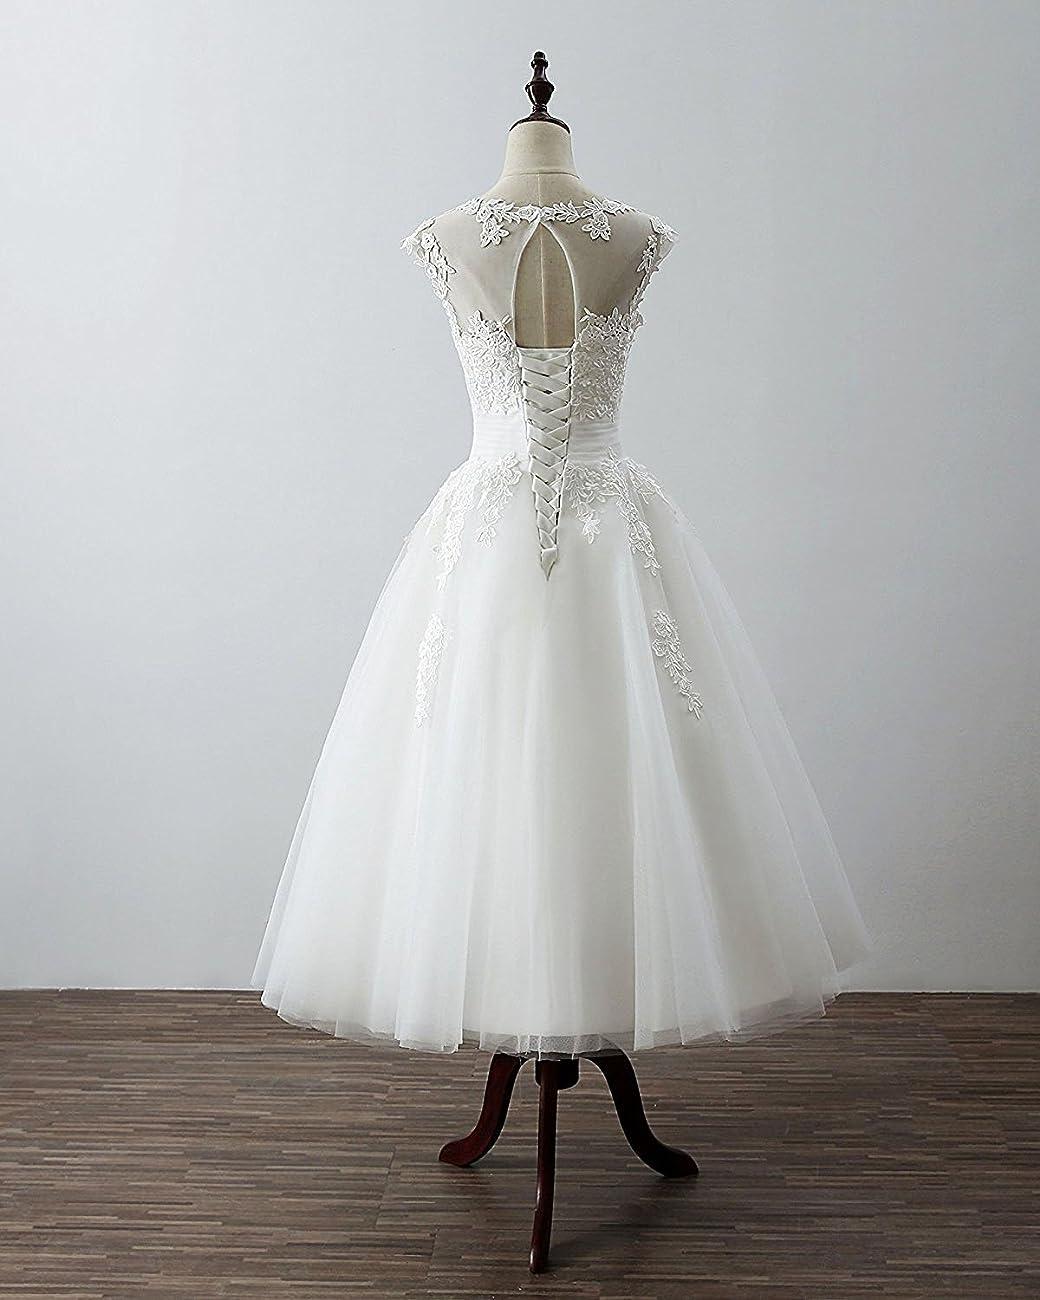 Women's Elegant Sheer Vintage Short Lace Wedding Dress For Bride 1